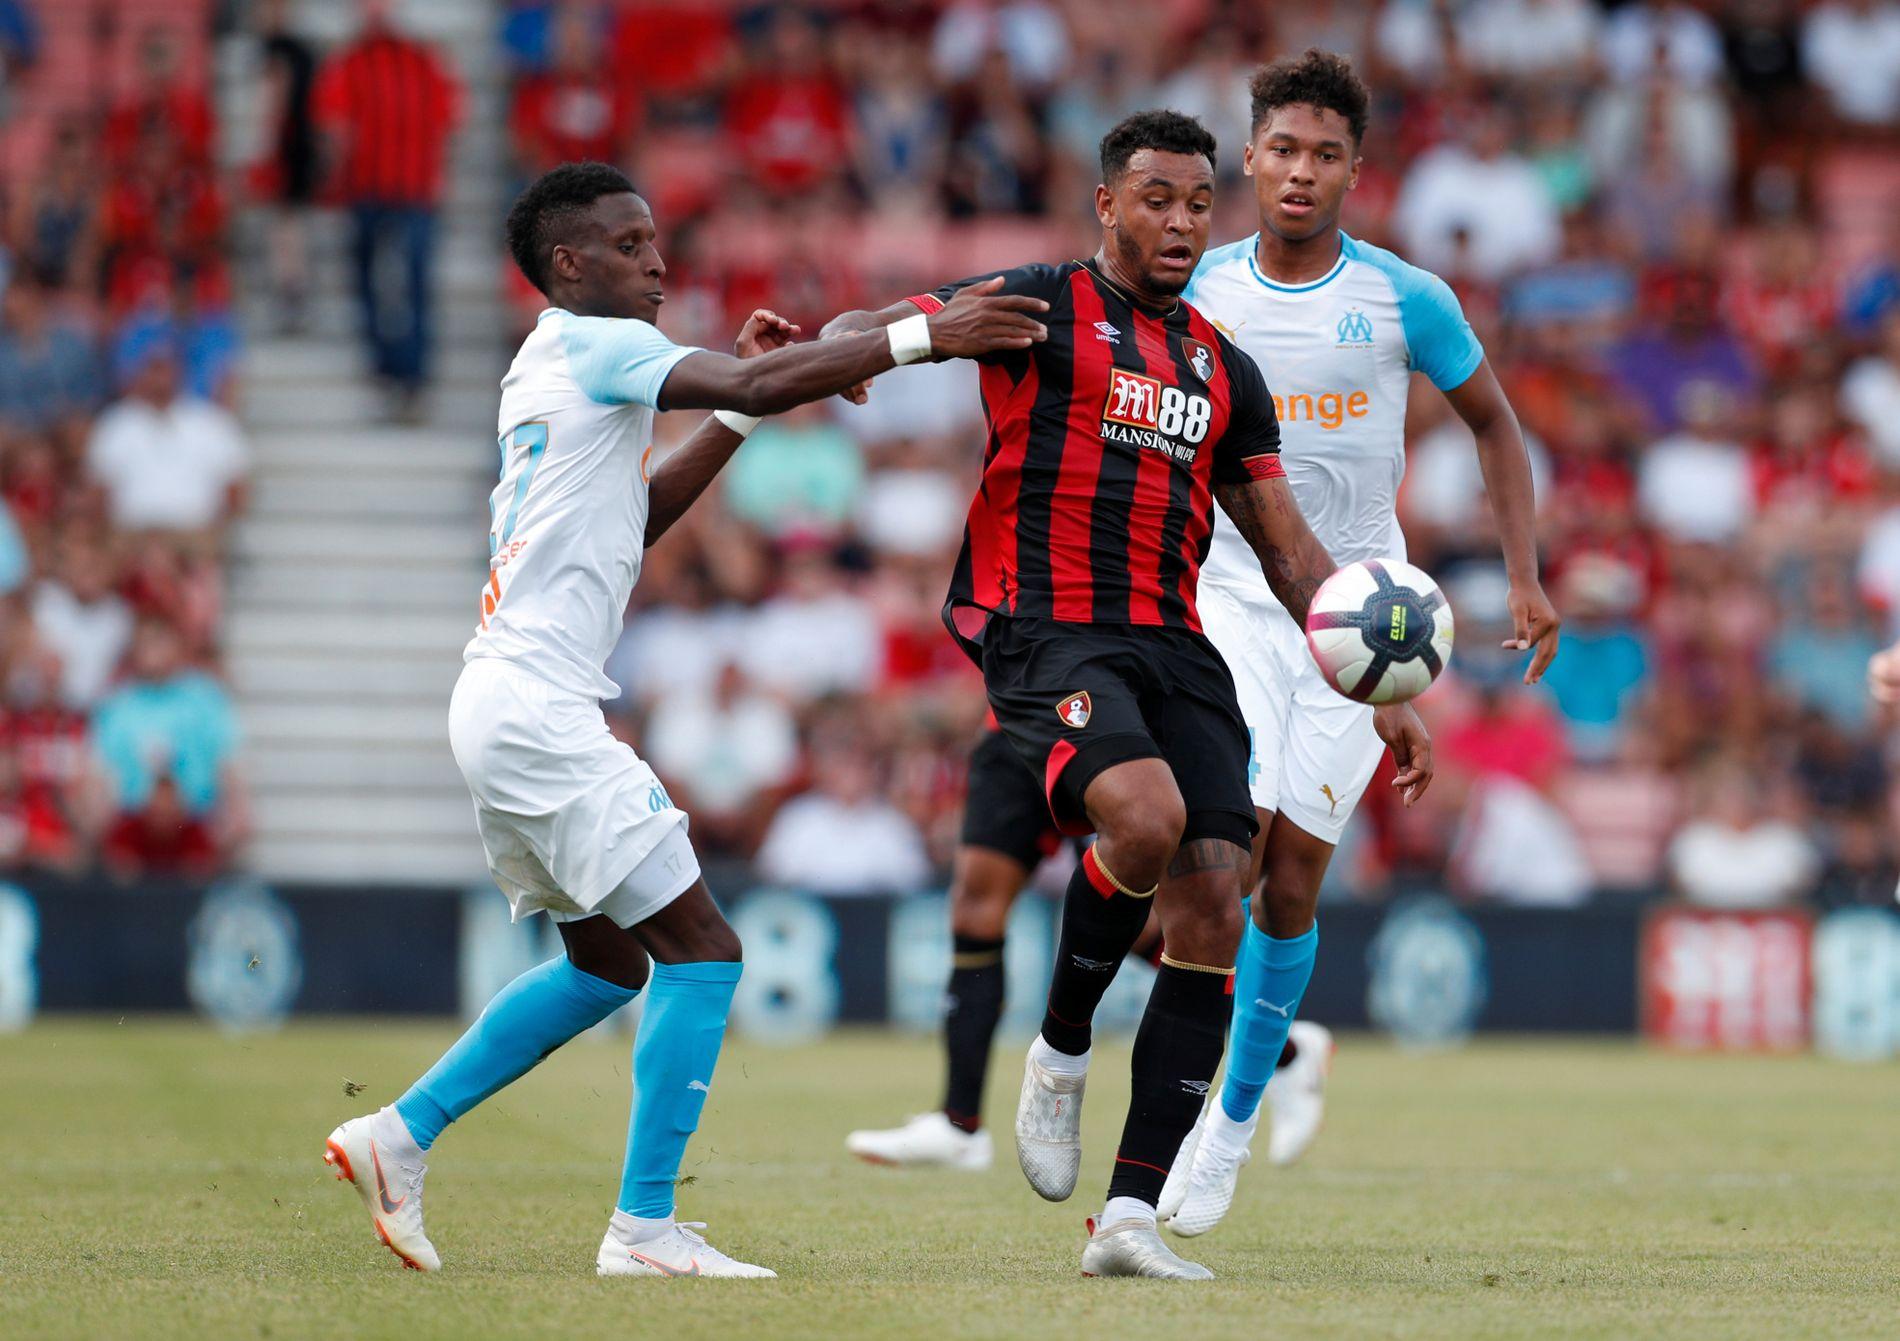 GOD: Joshua King har vist god form i sesongoppkjøringen, som da han scoret to mål mot franske Marseille.